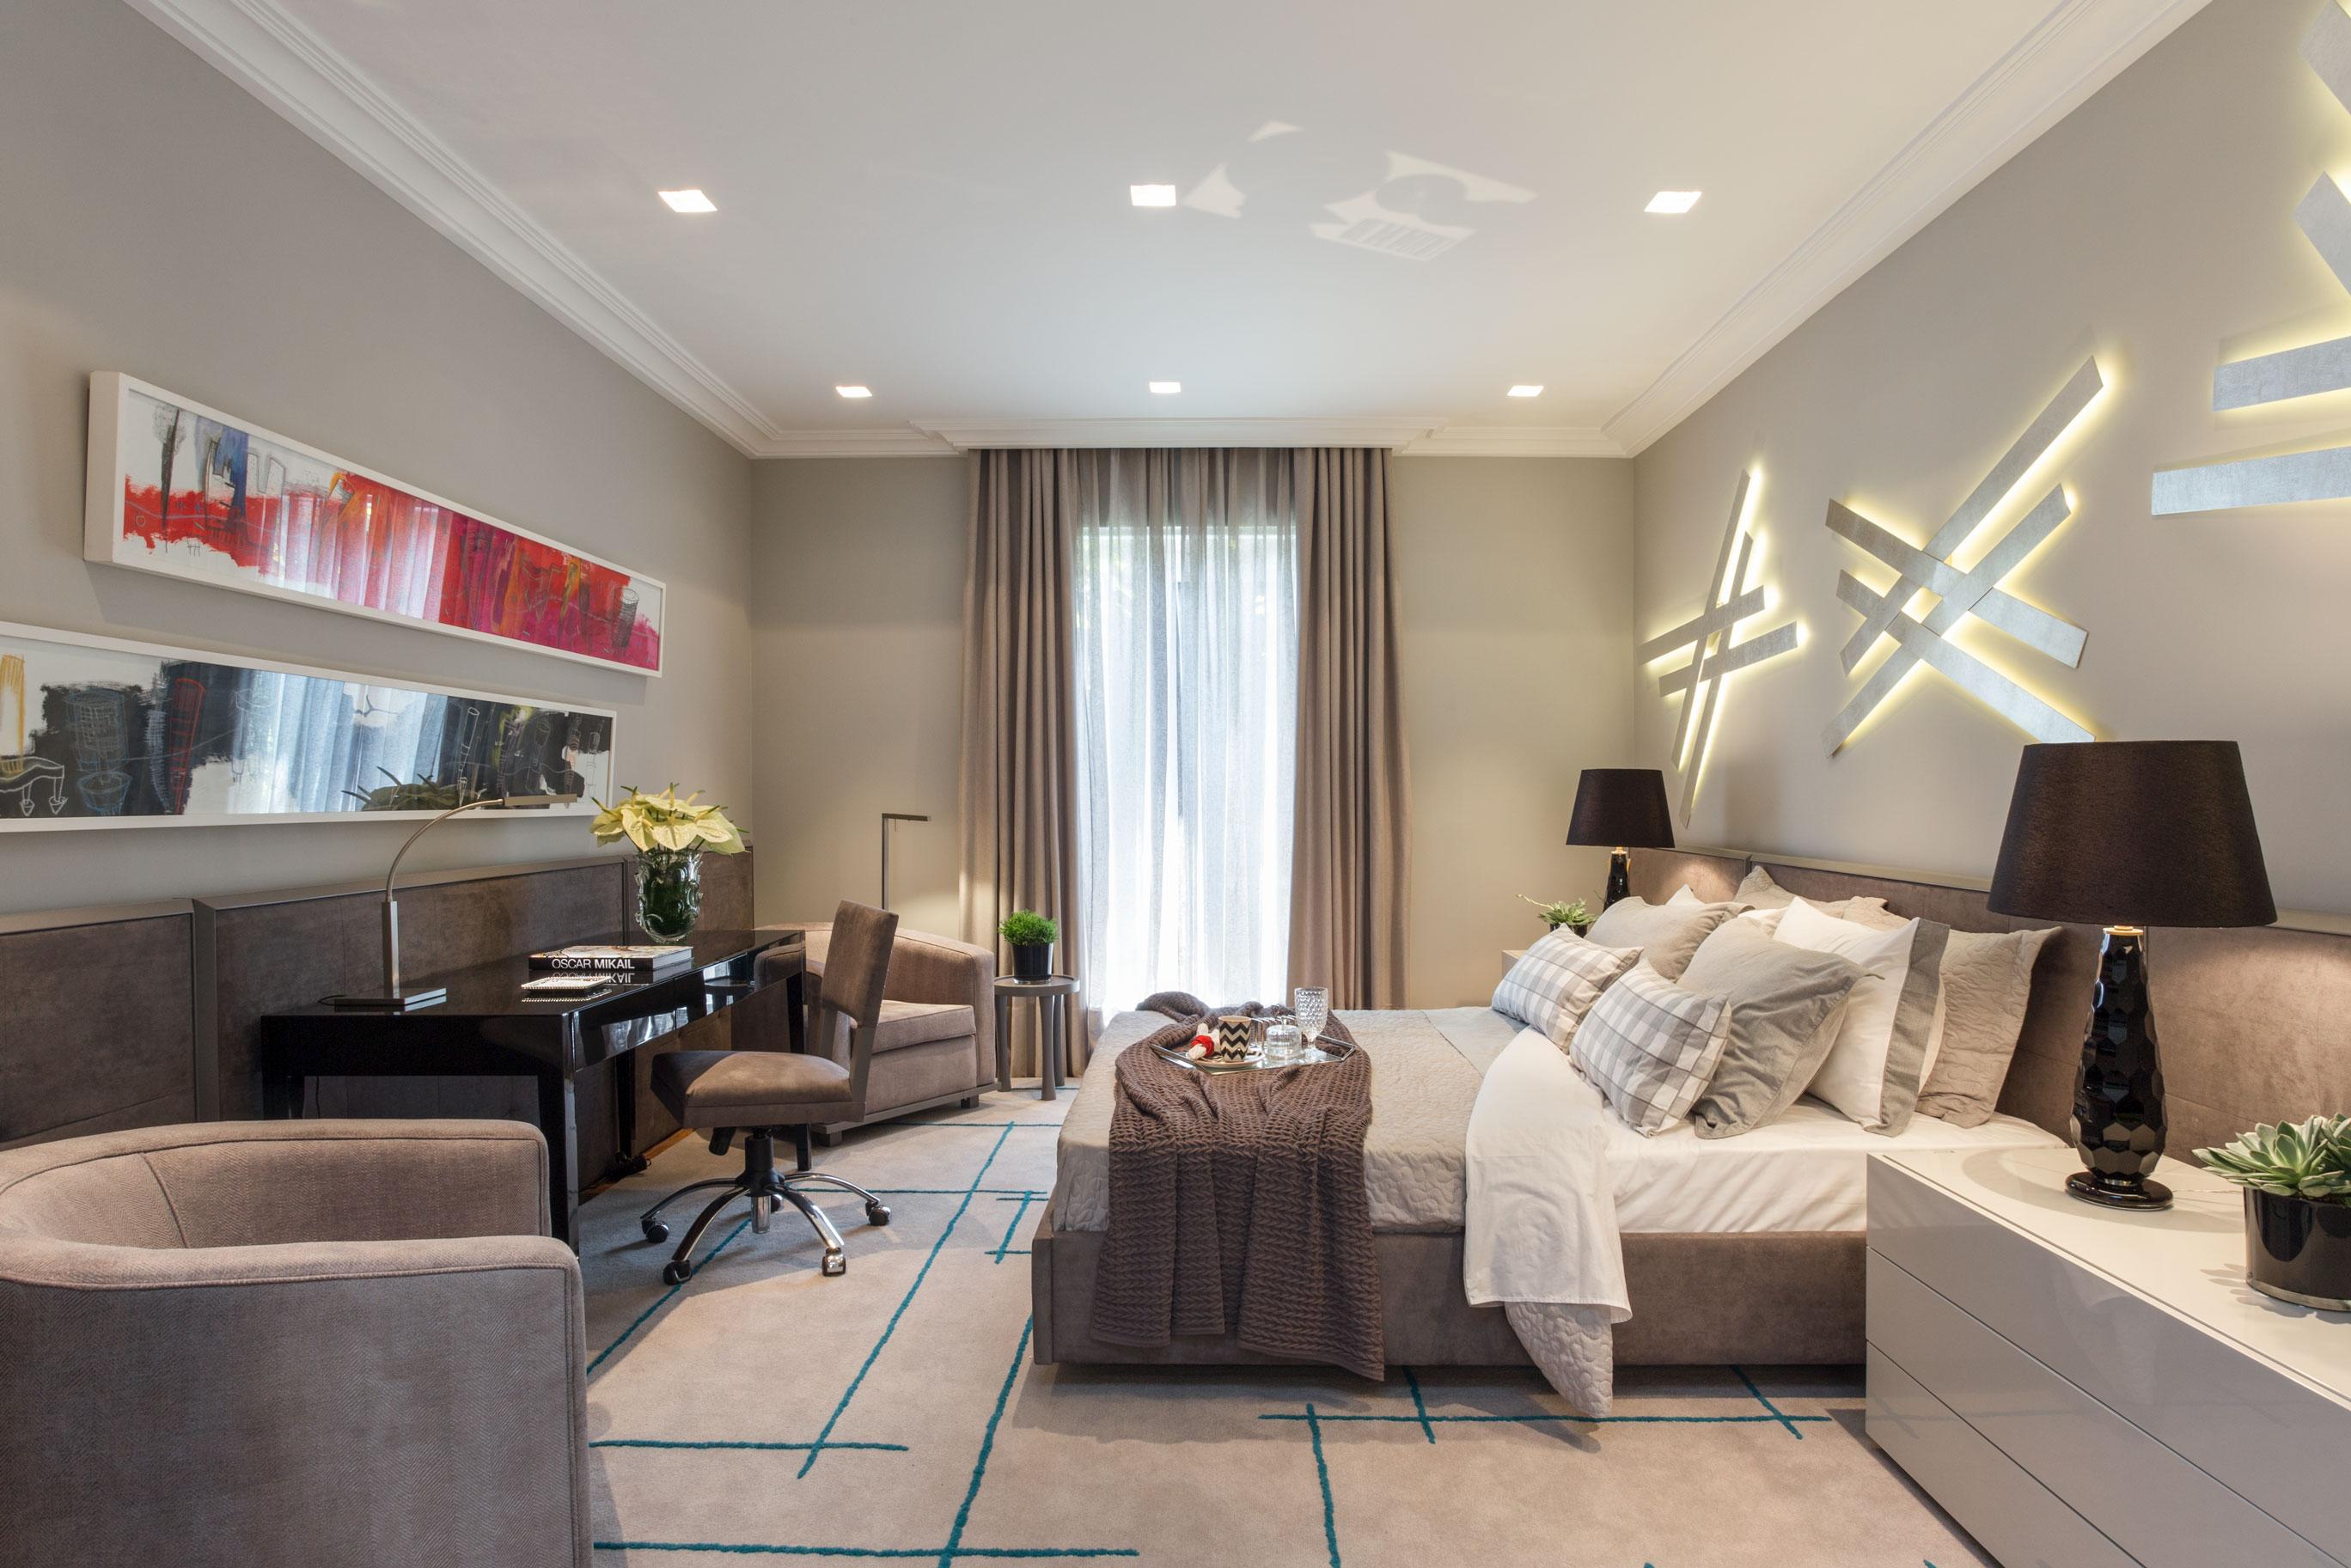 Sofisticado e clean, esse quarto foi projeto para um jovem bem-sucedido, que proporciona elegância e conforto. Cores cinza e branco foram grandes apostas com o painel em camurça.